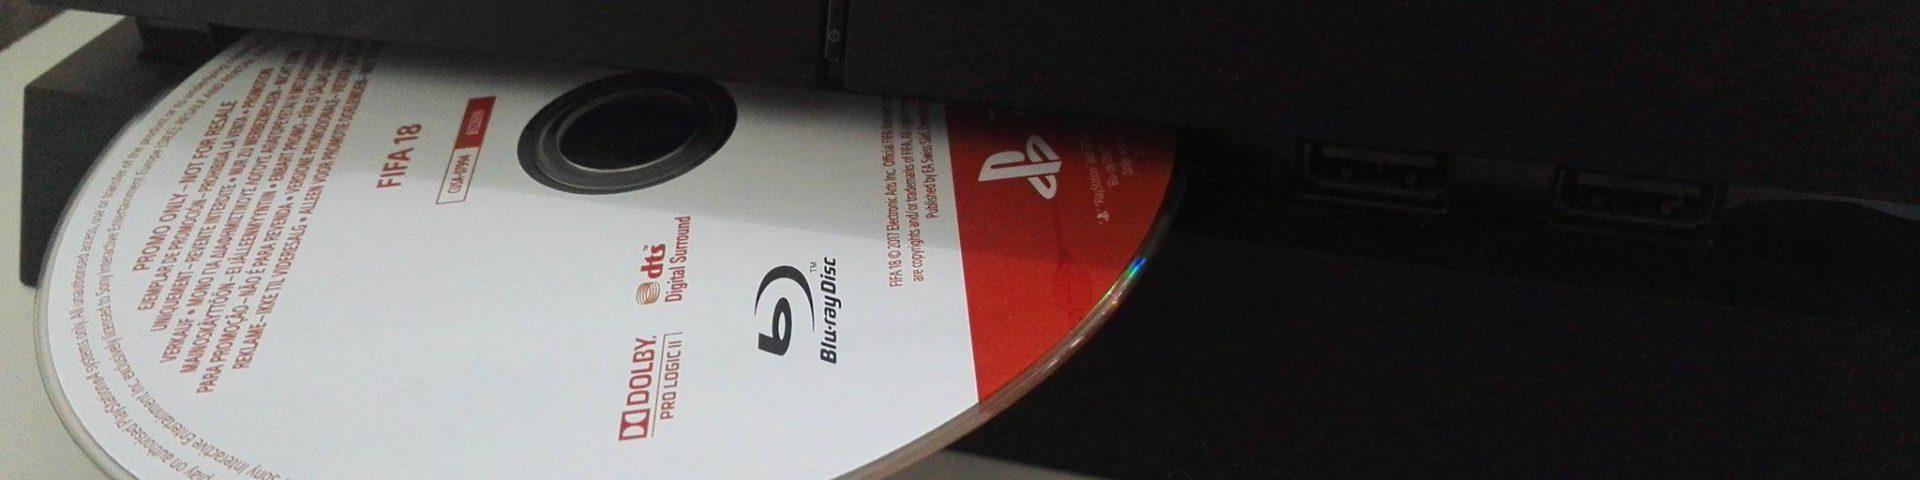 Playstation 4 med disc halvveis ute. (Foto: Håvard Hofstad Ruud)